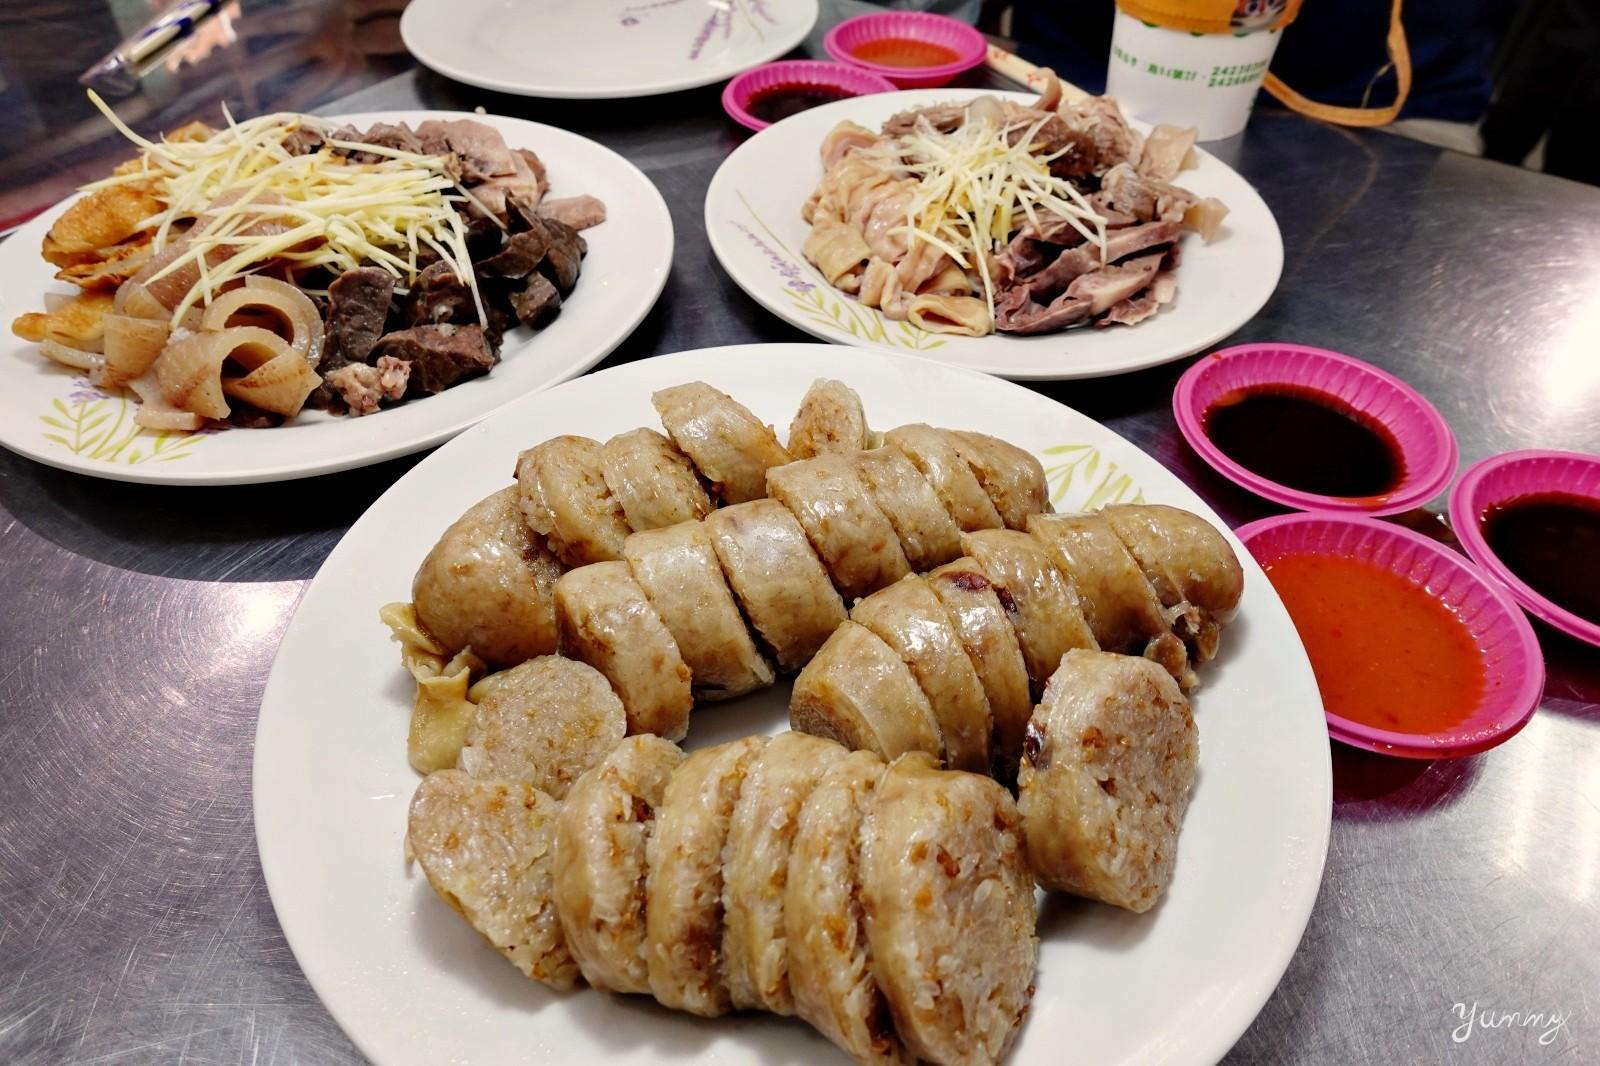 基隆美食必吃~食尚玩家推薦小吃「孝三大腸圈」用料實在的在地美食!